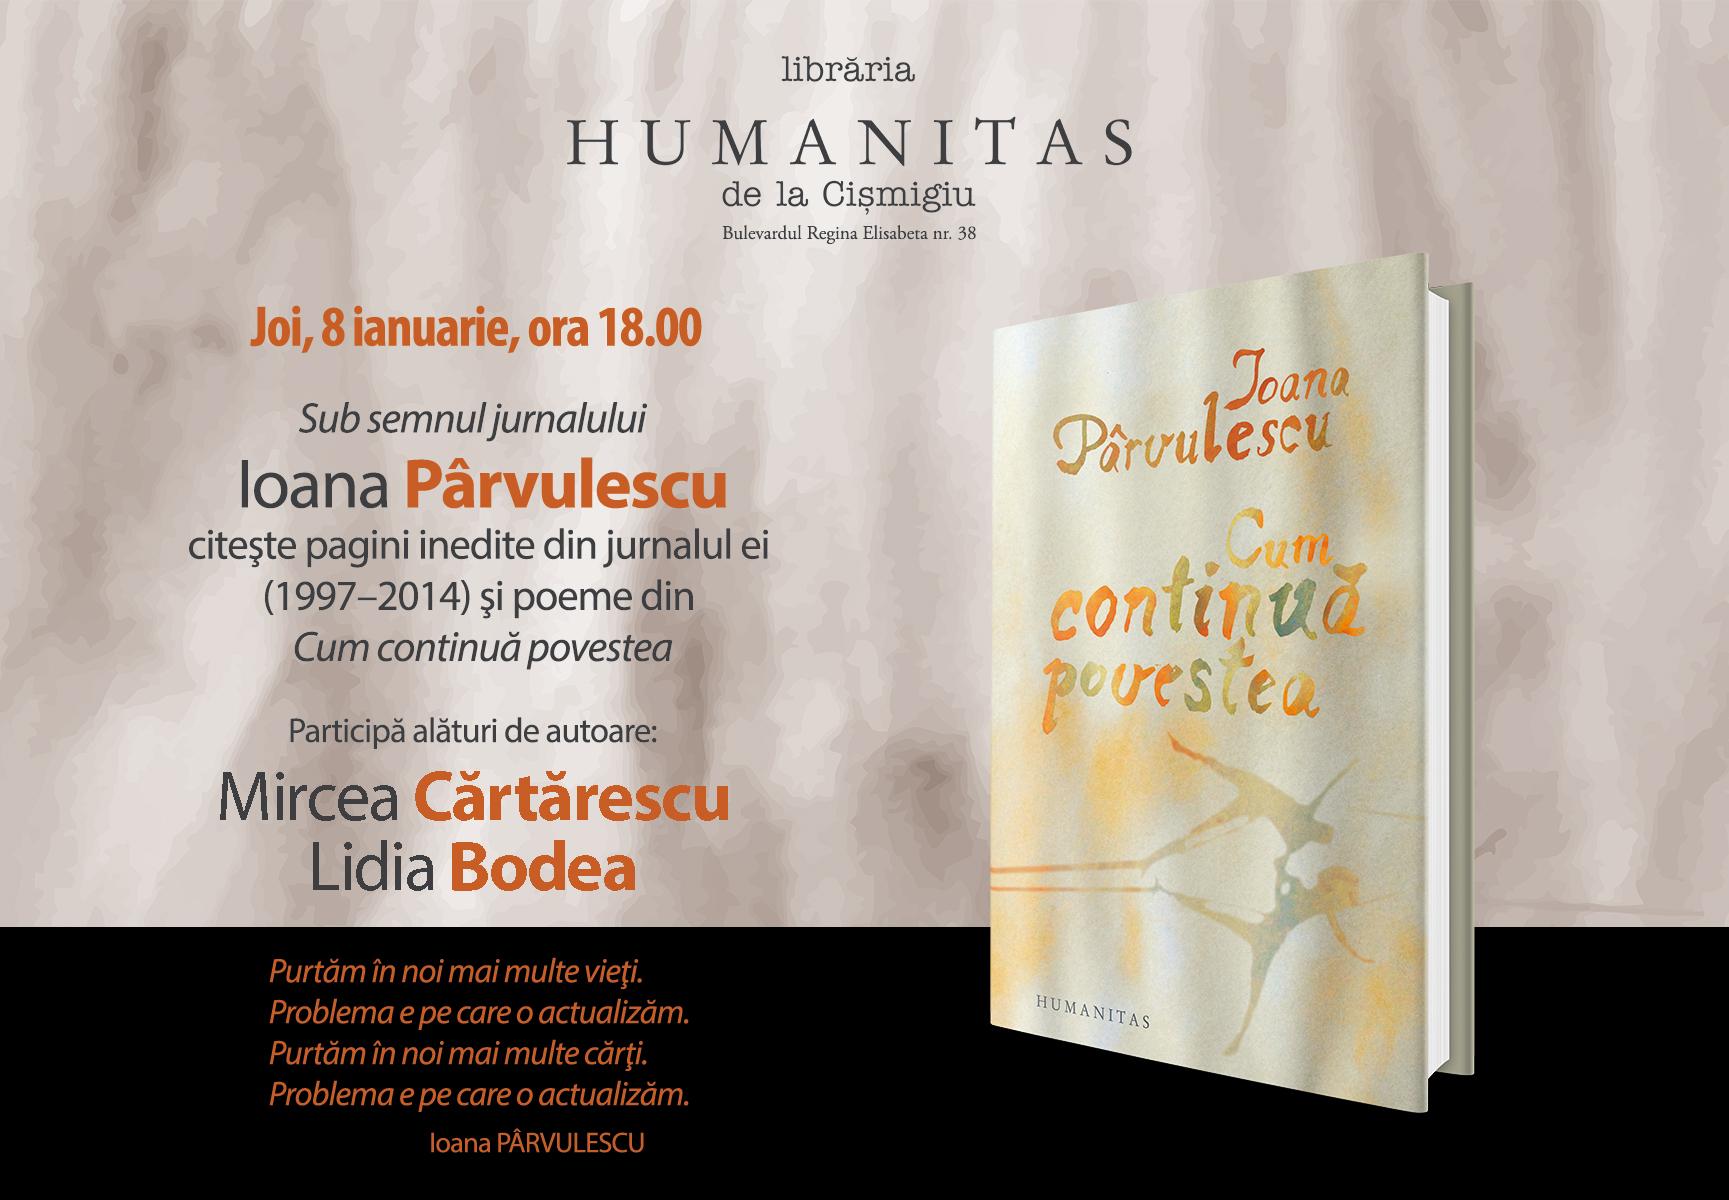 Ioana Pârvulescu, poeme și pagini inedite de jurnal